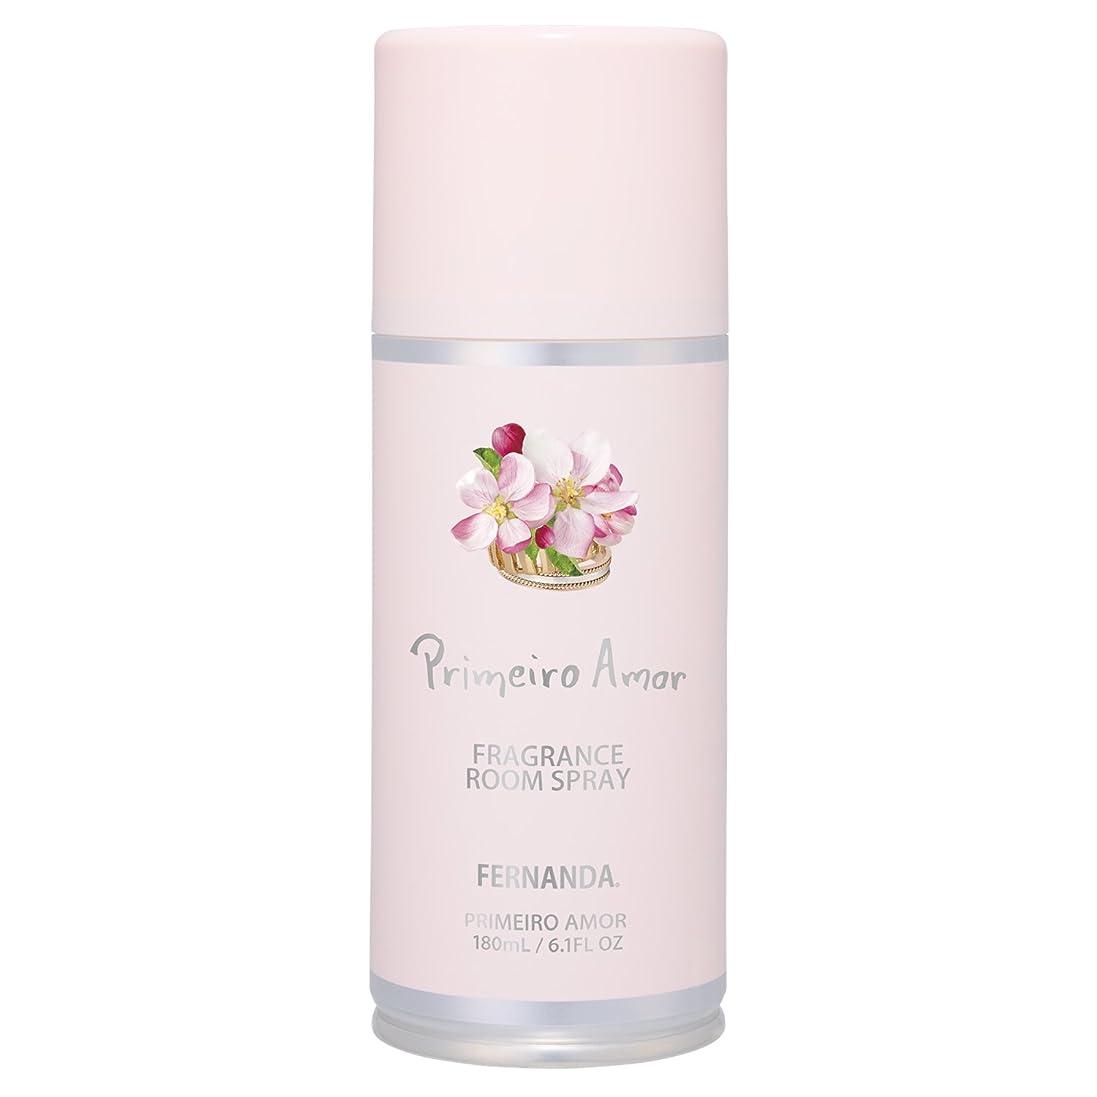 修理工不利蓋FERNANDA(フェルナンダ) Room Spray Primeiro Amor(ルームスプレー プリメイロアモール)